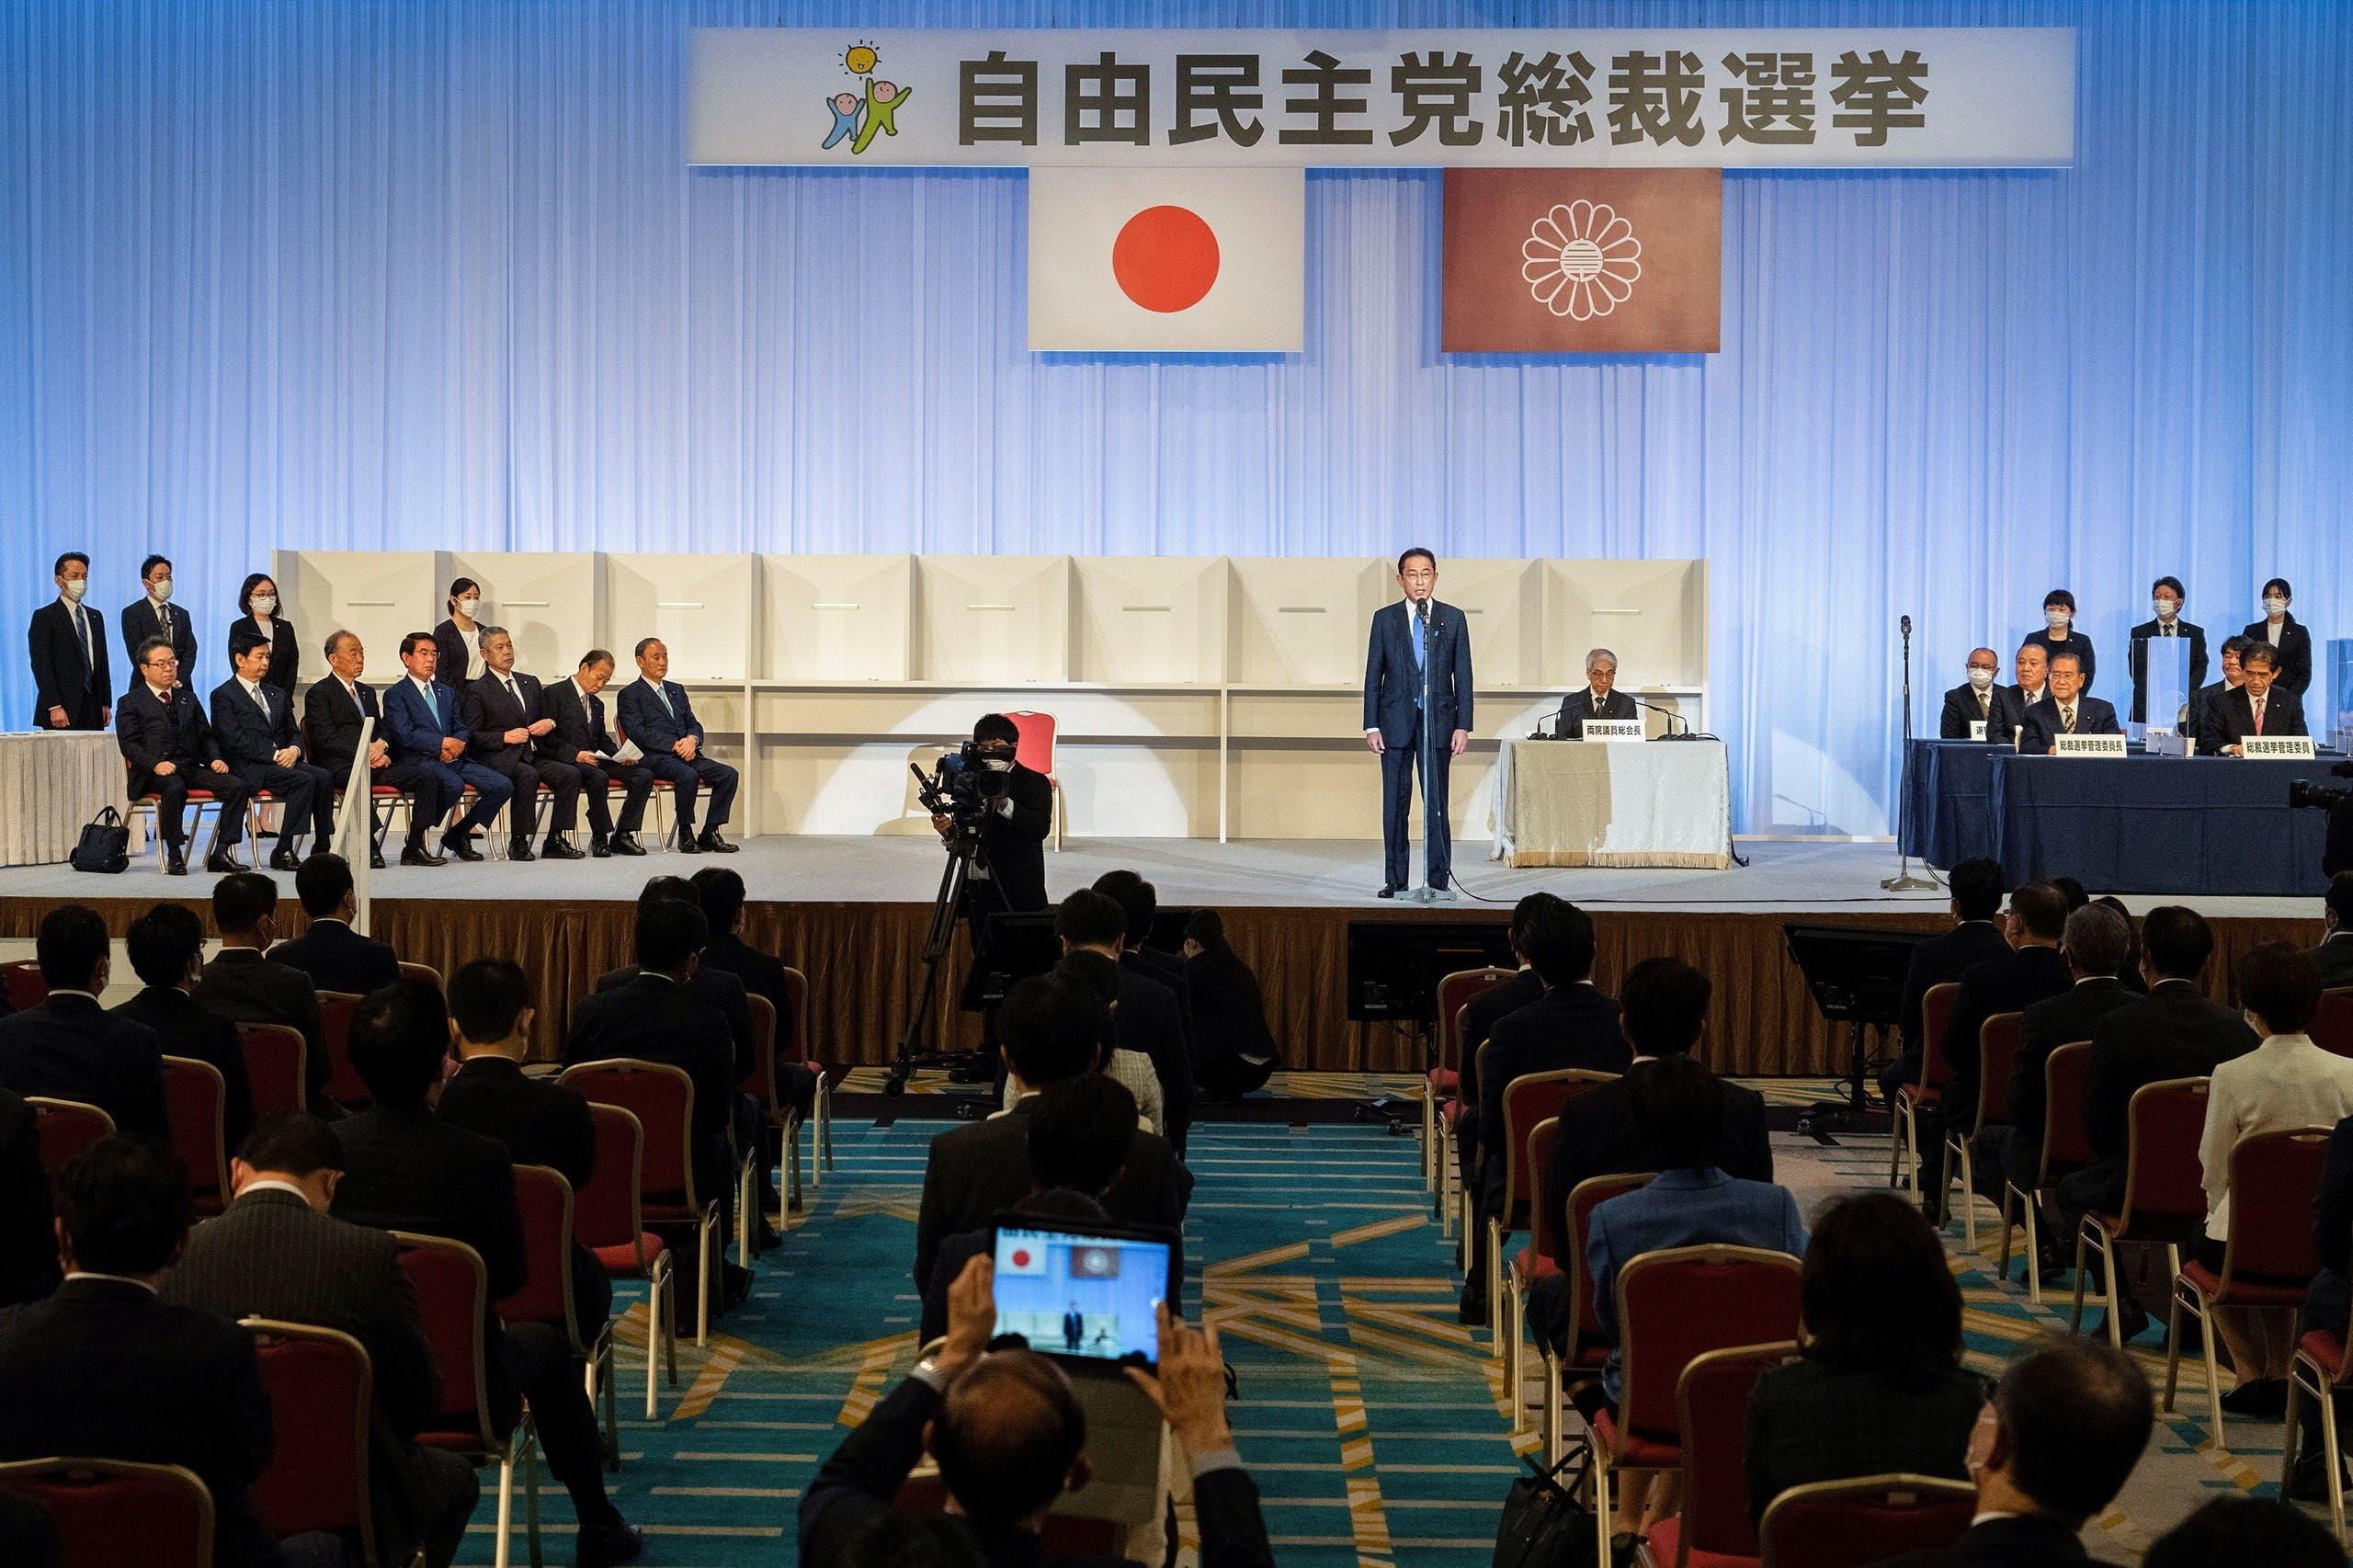 فوميو كيشيدا يلقي كلمة بعد إعلان فوزه برئاسة الحزب